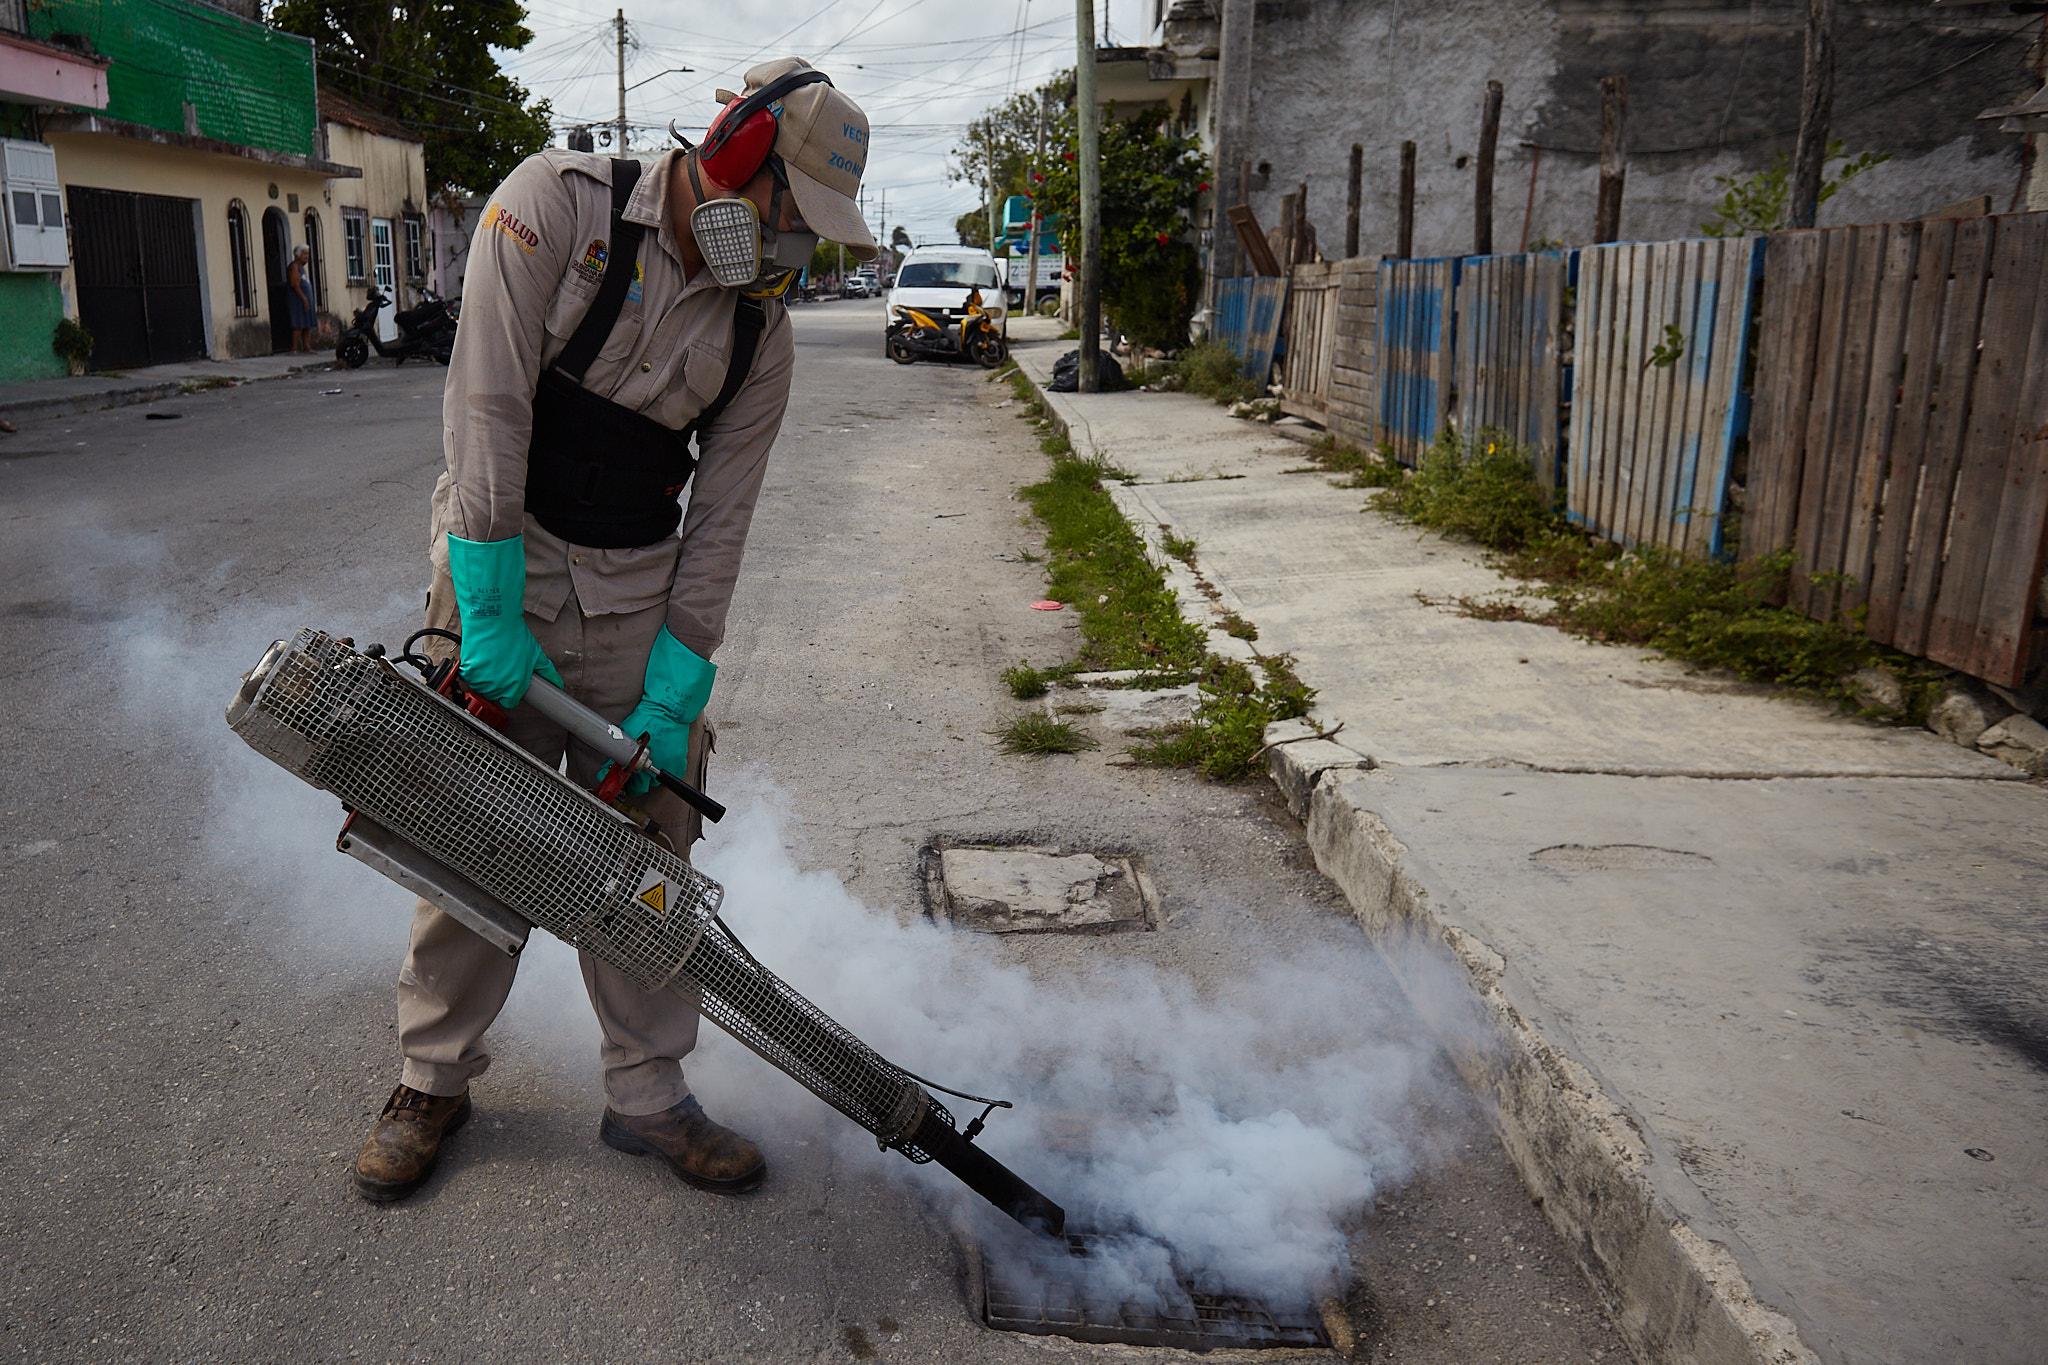 Refuerzan acciones para combatir el mosquito transmisor de dengue, zika y chikungunya